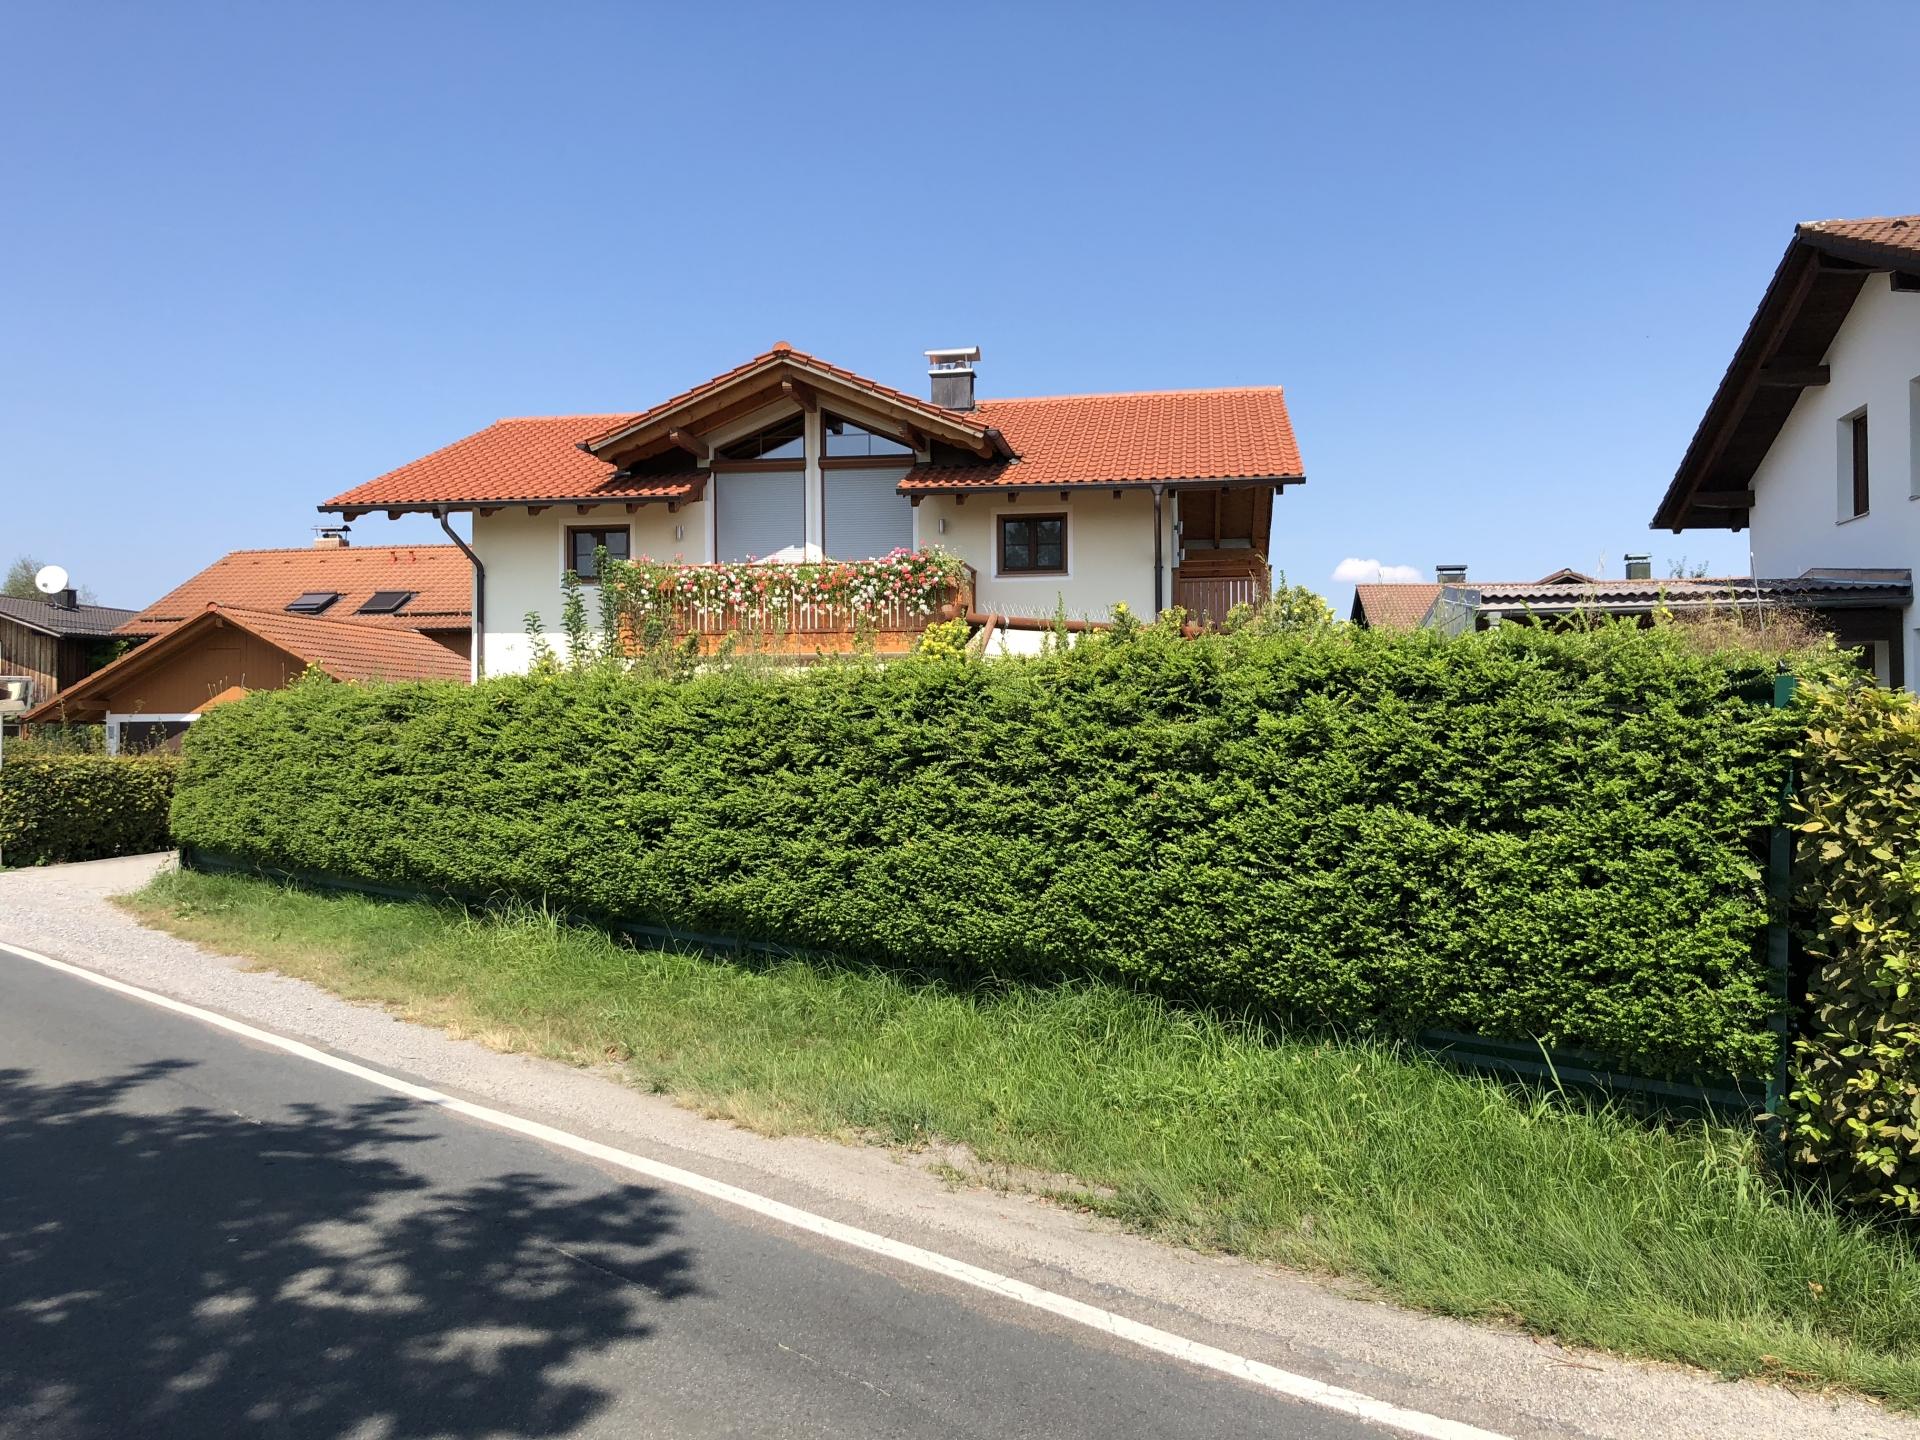 naturawall Lärmschutzwand grün bepflanzt Landkreis Rosenheim